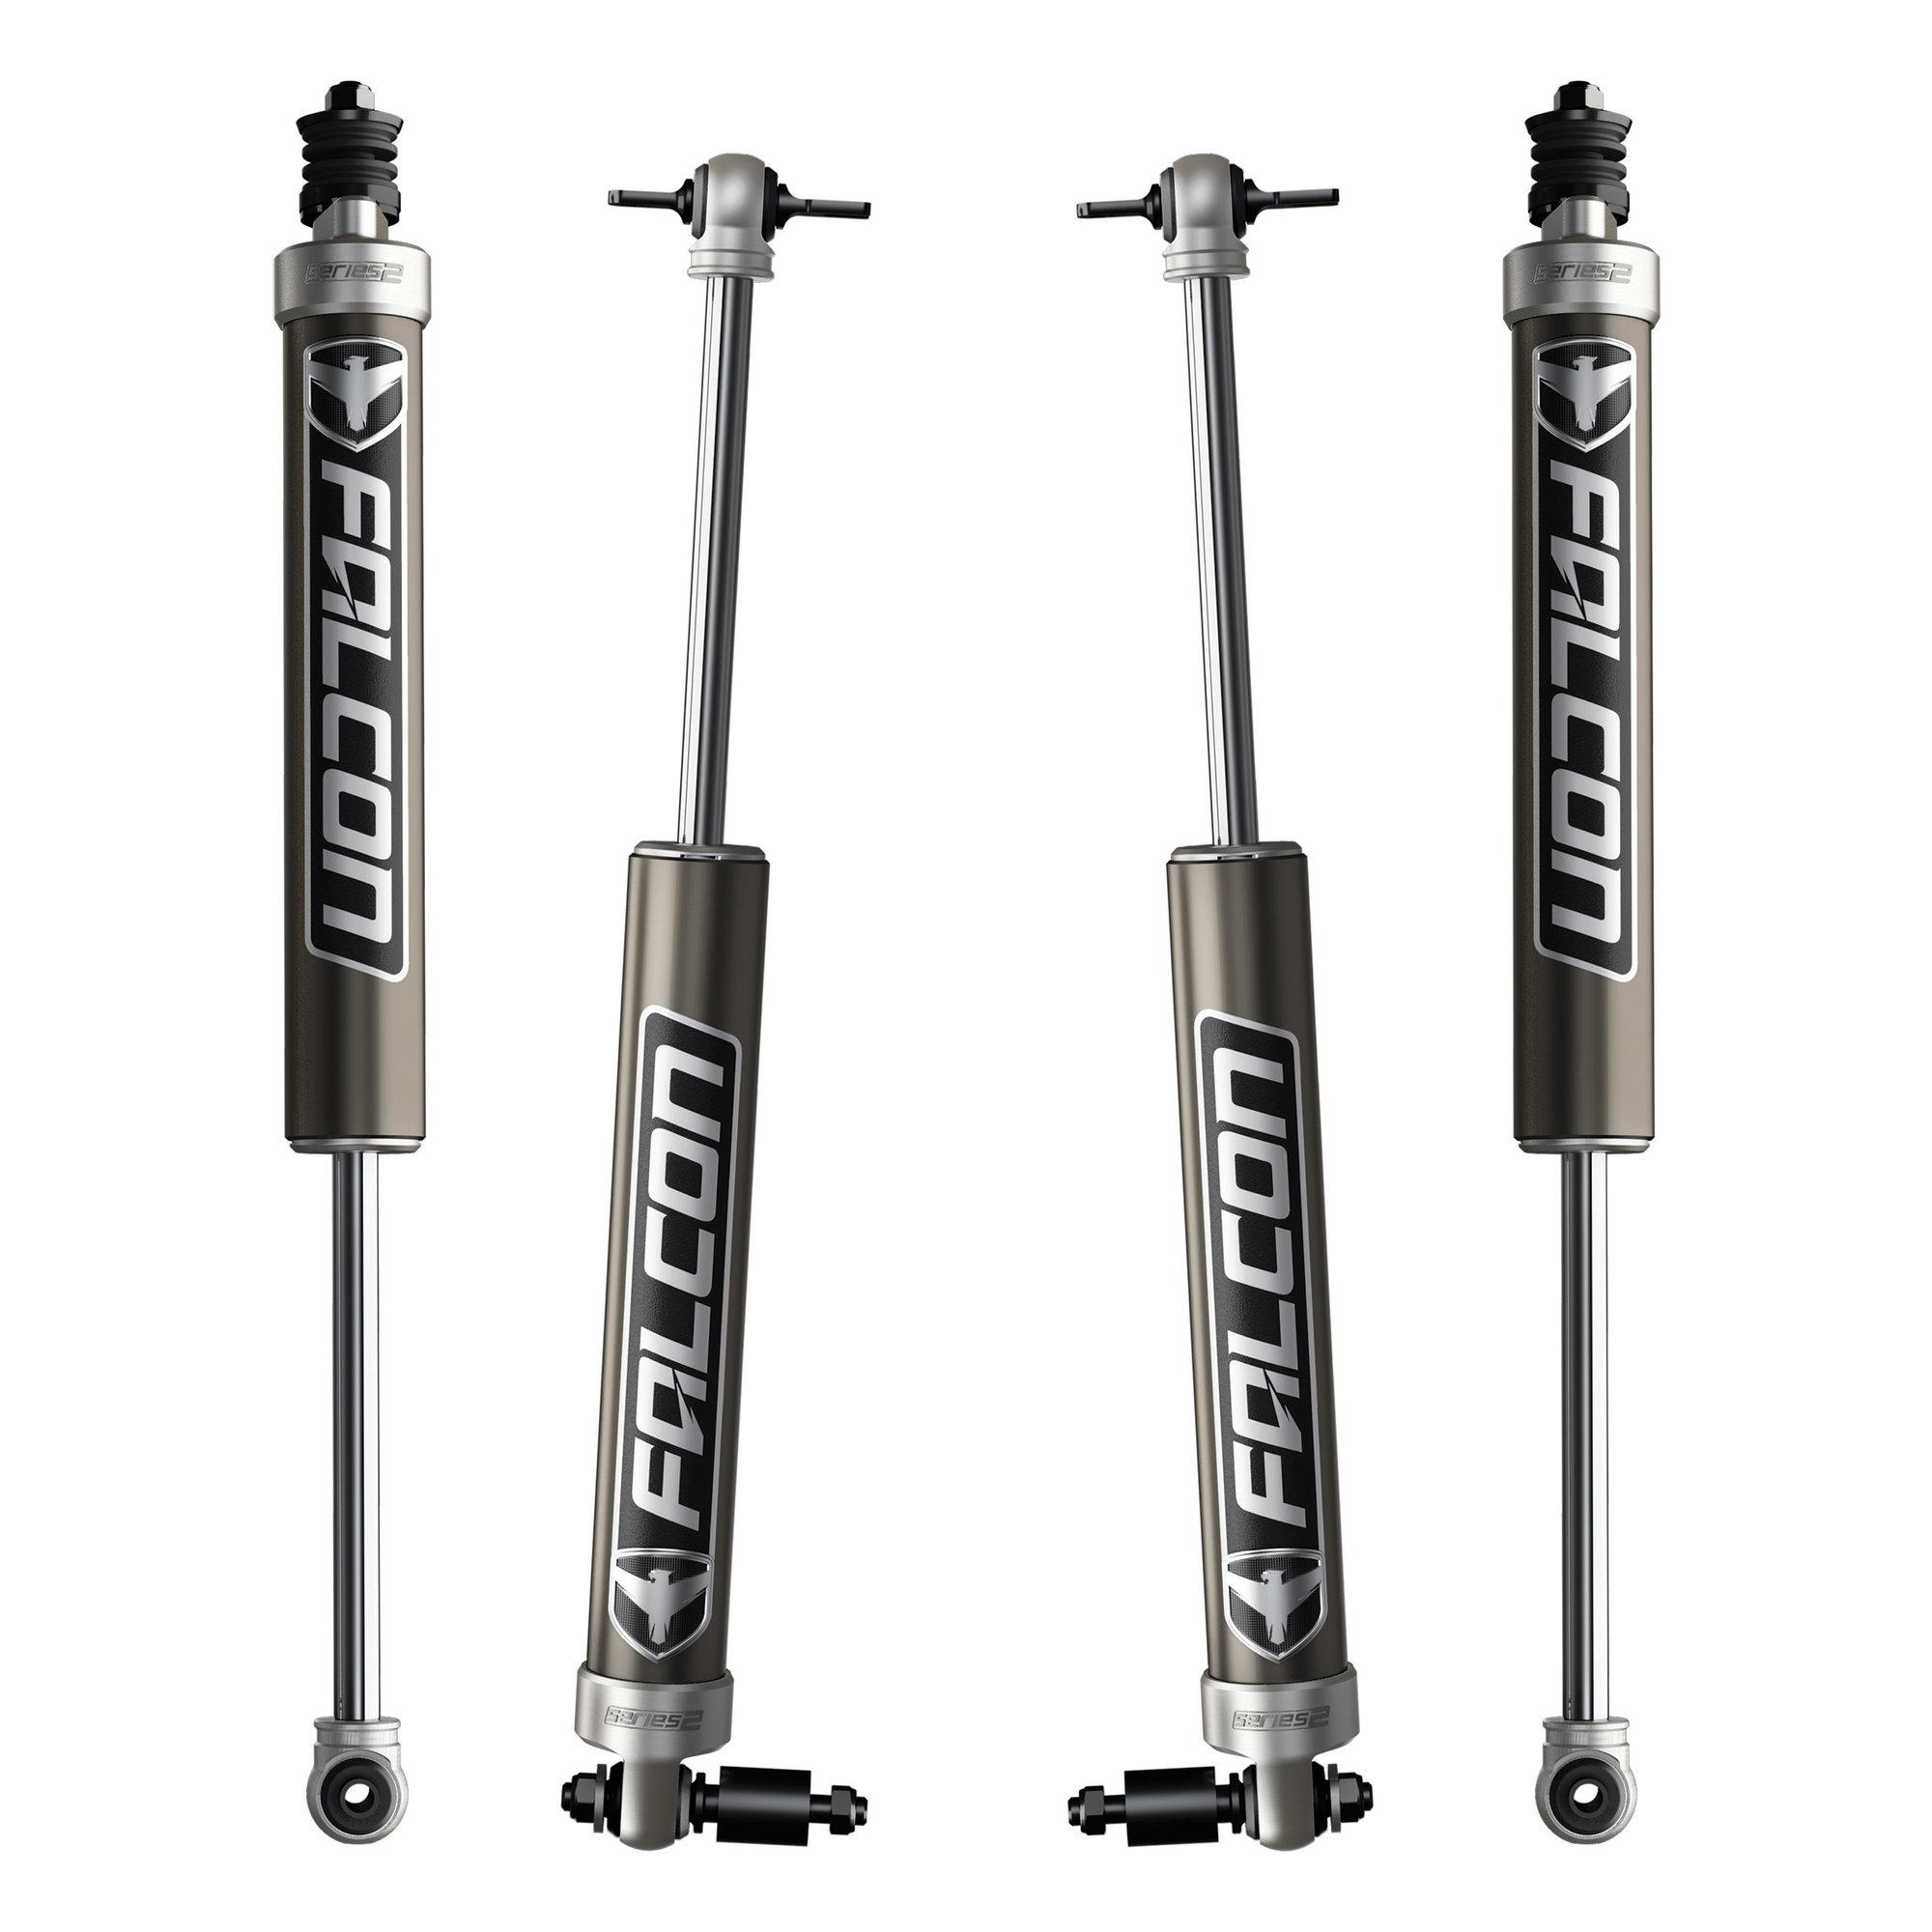 Teraflex Falcon Series 2.1 Sport Monotube Shock Kit for 07